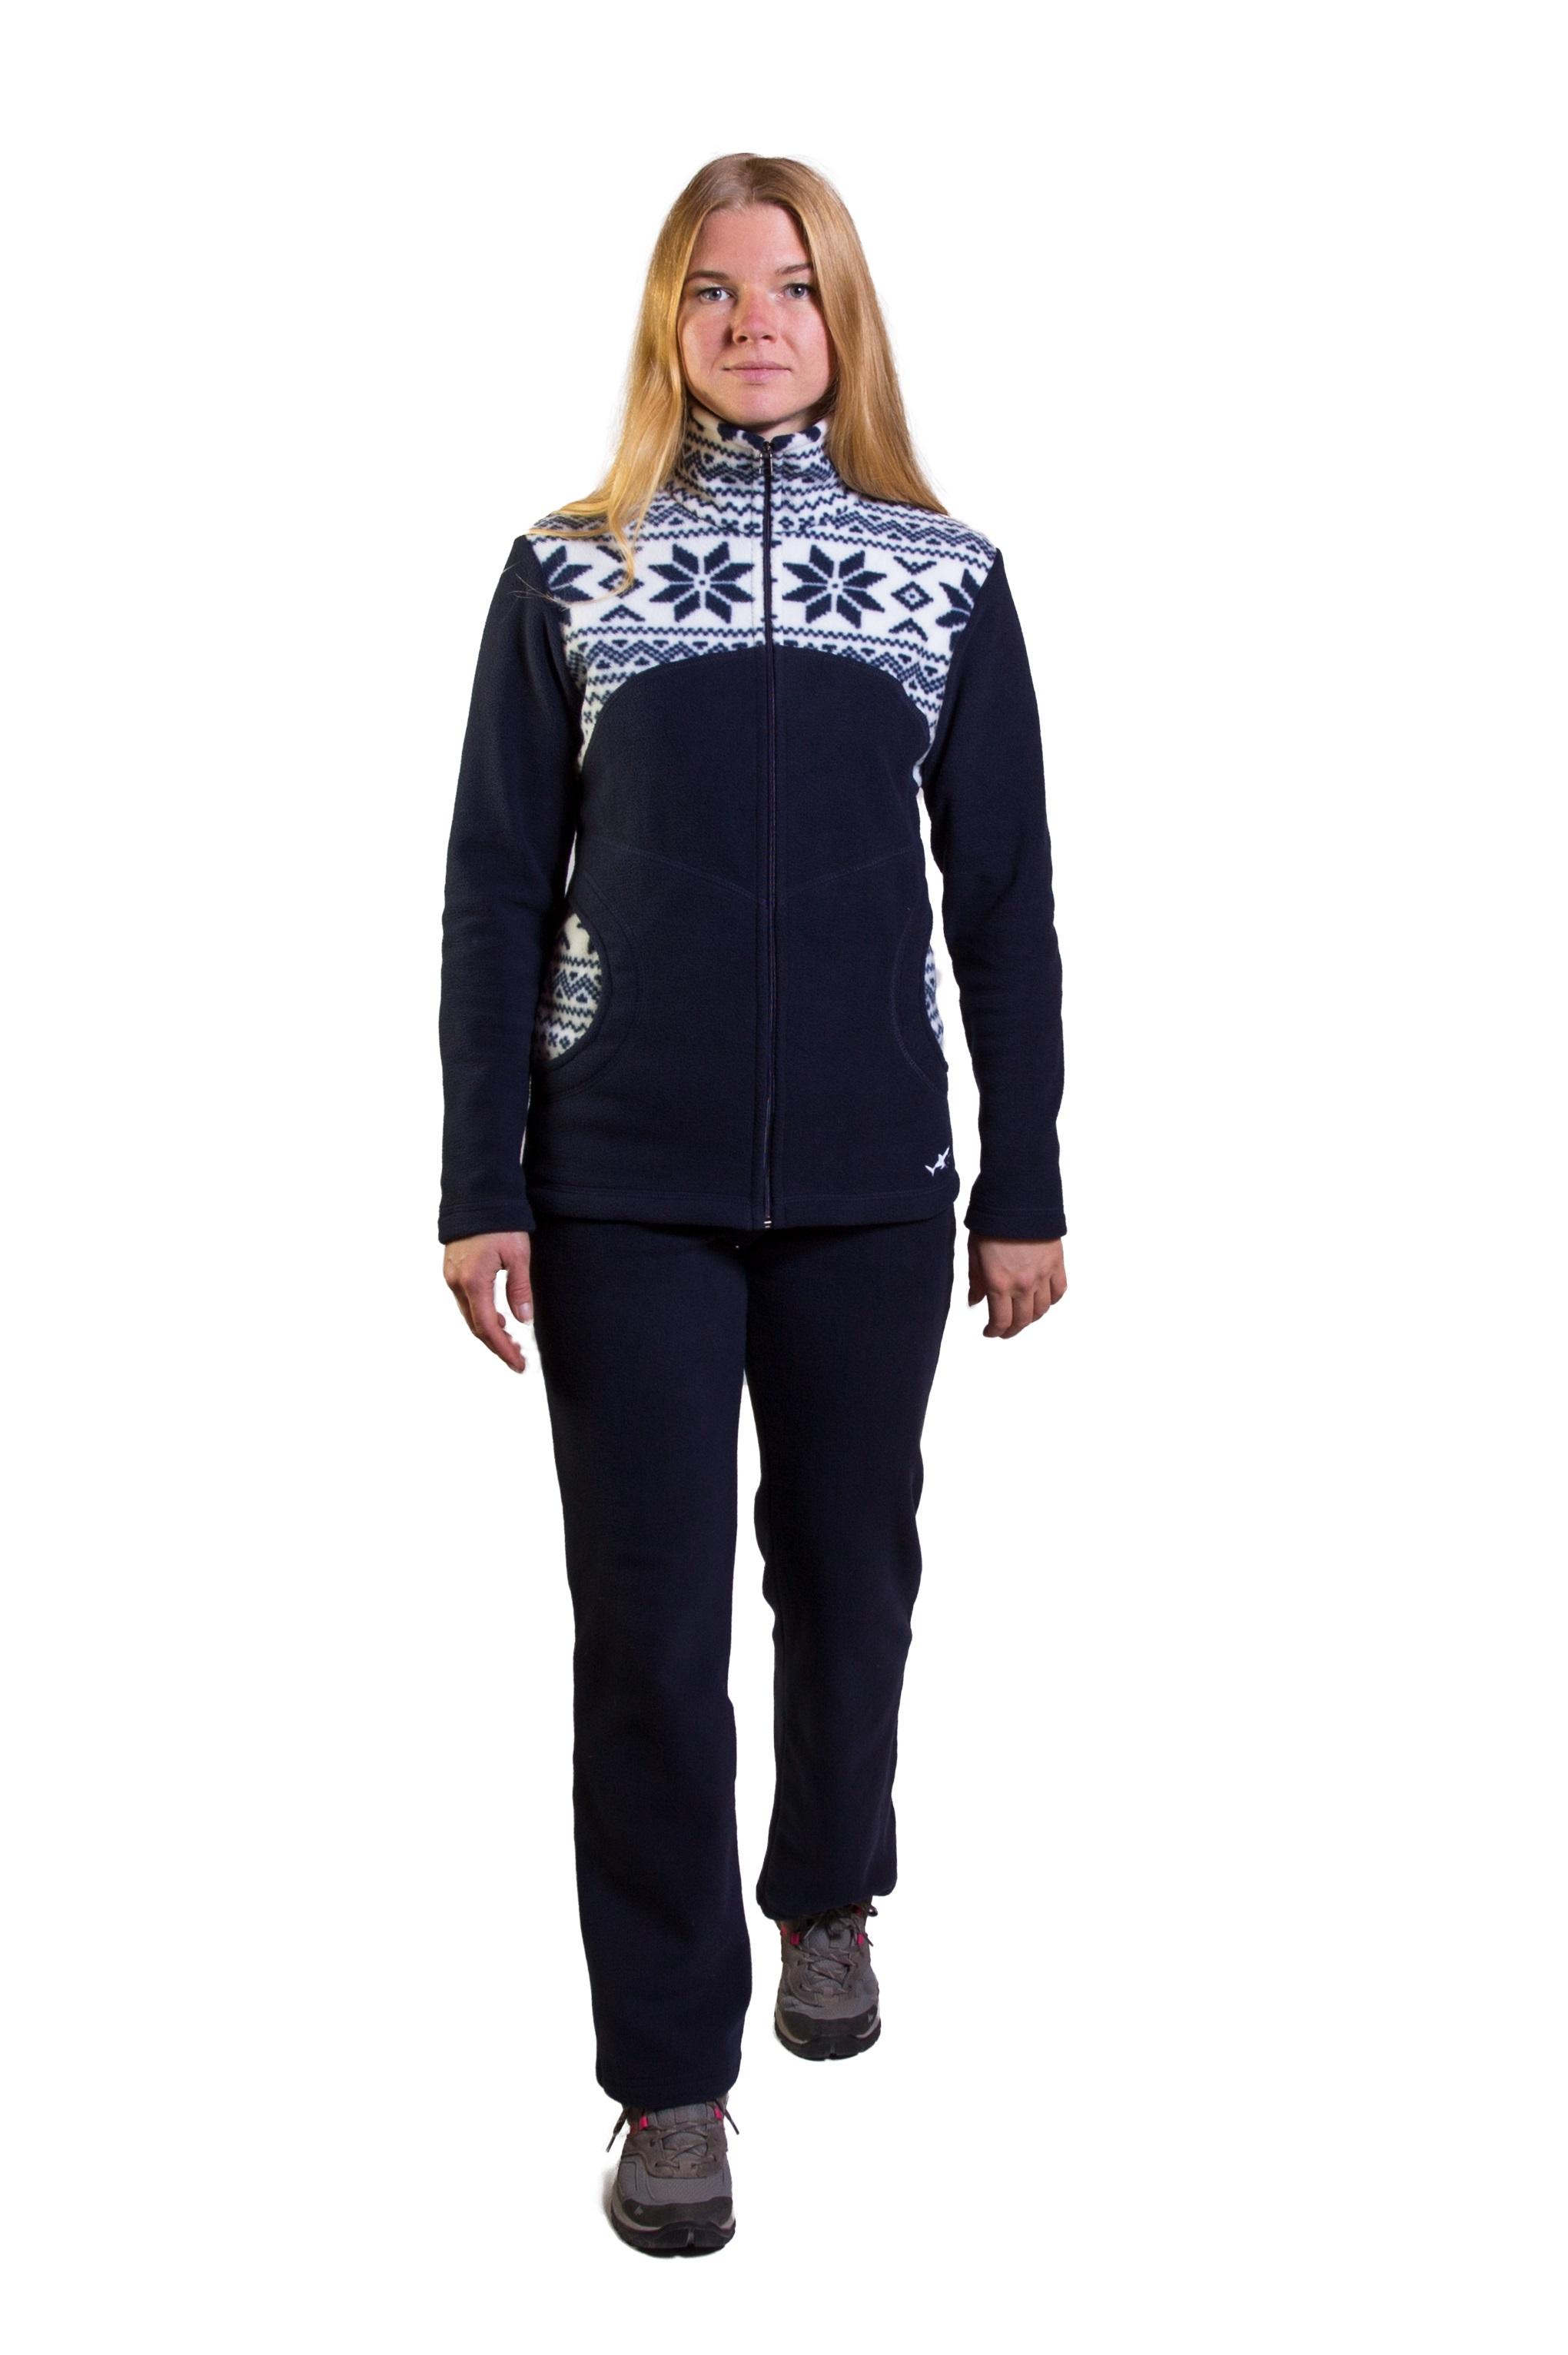 Флисовый костюм KATRAN Паола (Размер: 42 Рост: